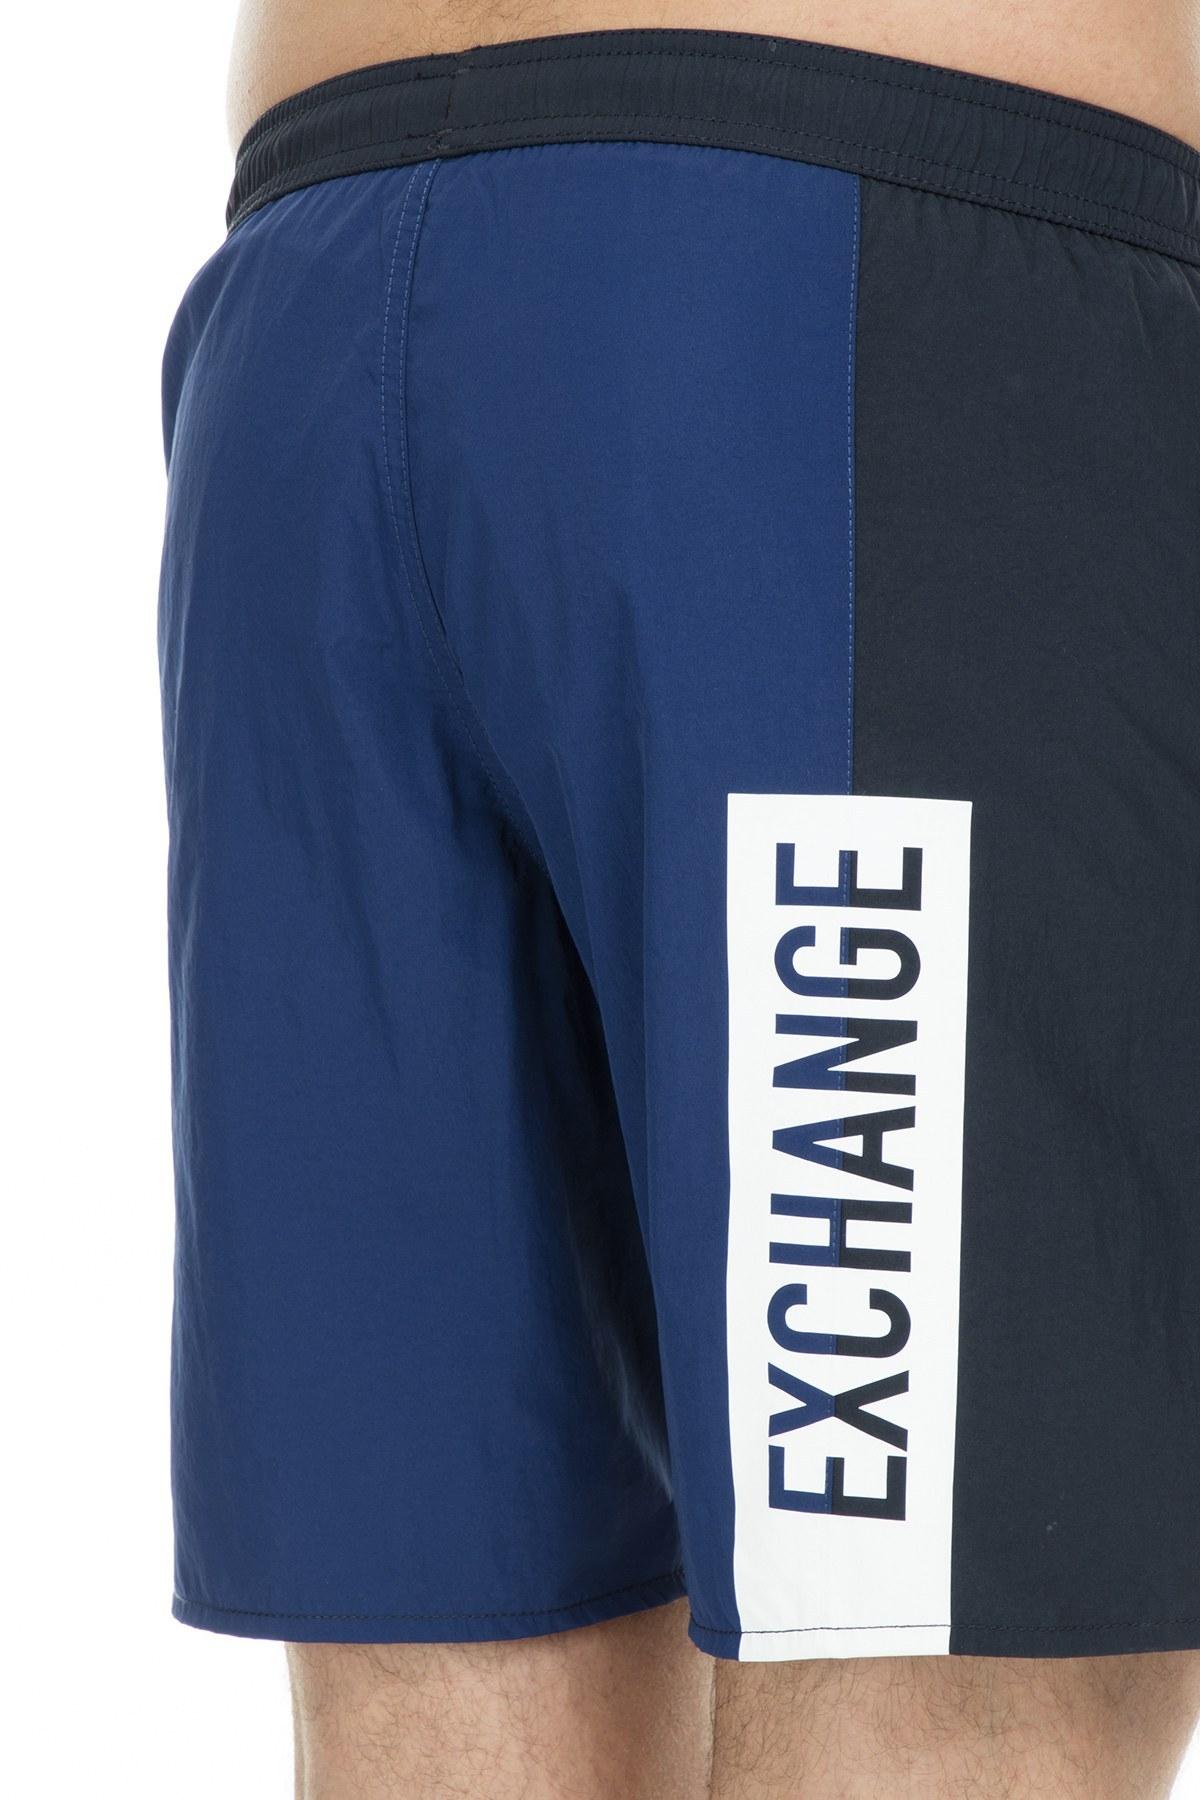 Armani Exchange Erkek Mayo Short 953015 9P609 11436 LACİVERT